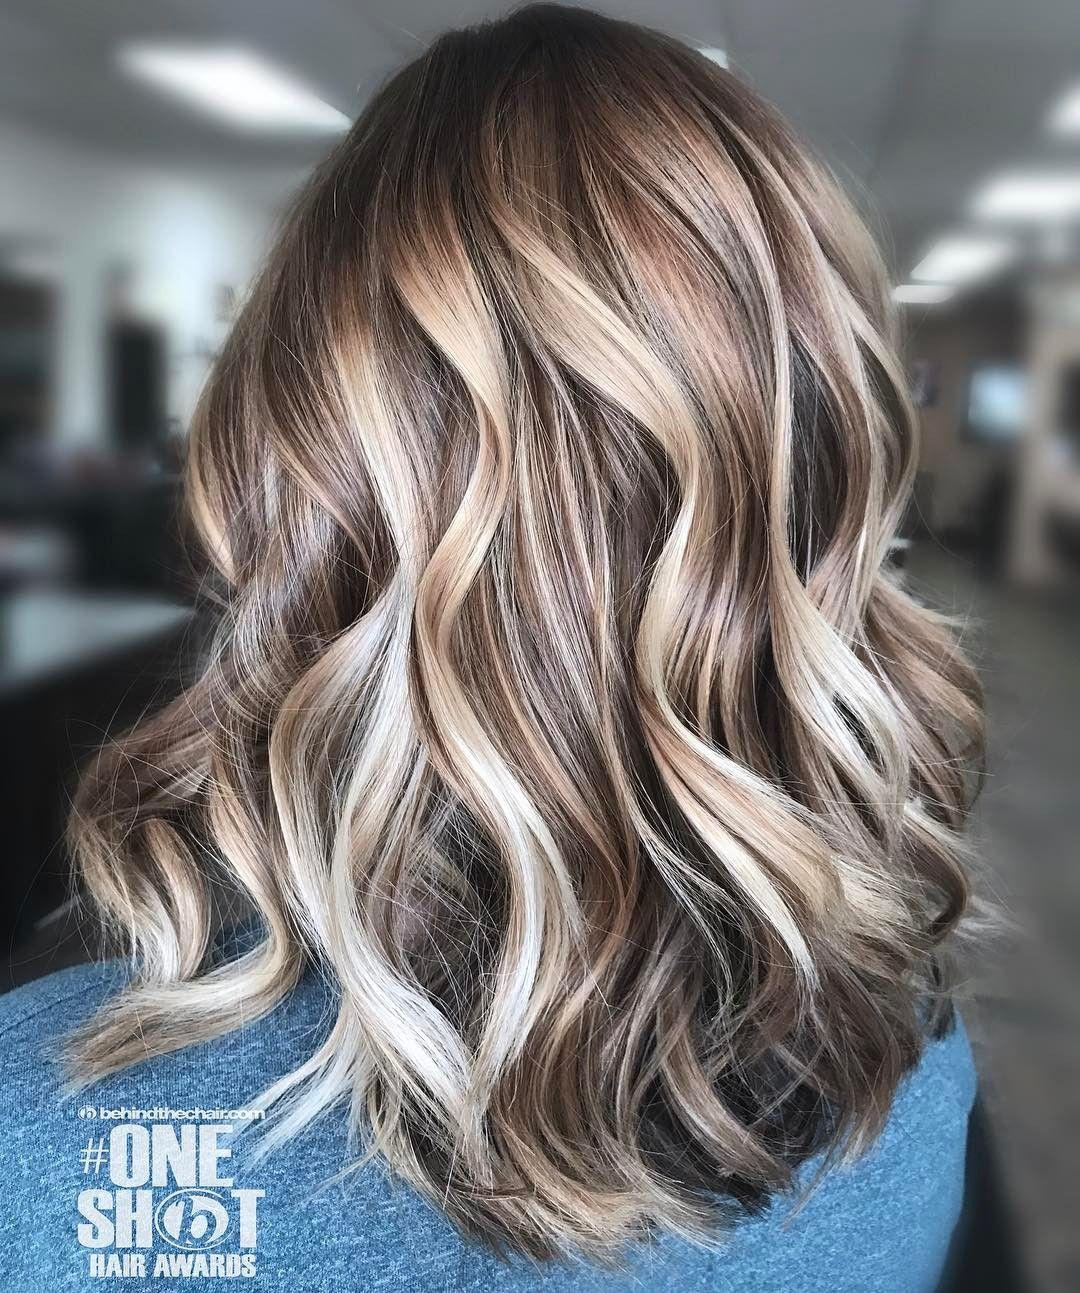 70 Schmeichelhafte Balayage Haarfarbe Ideen Für 2018 70 schmeichelhafte Balayage Haarfarbe Ideen für 2018 Ombre Hair platinum ombre hair